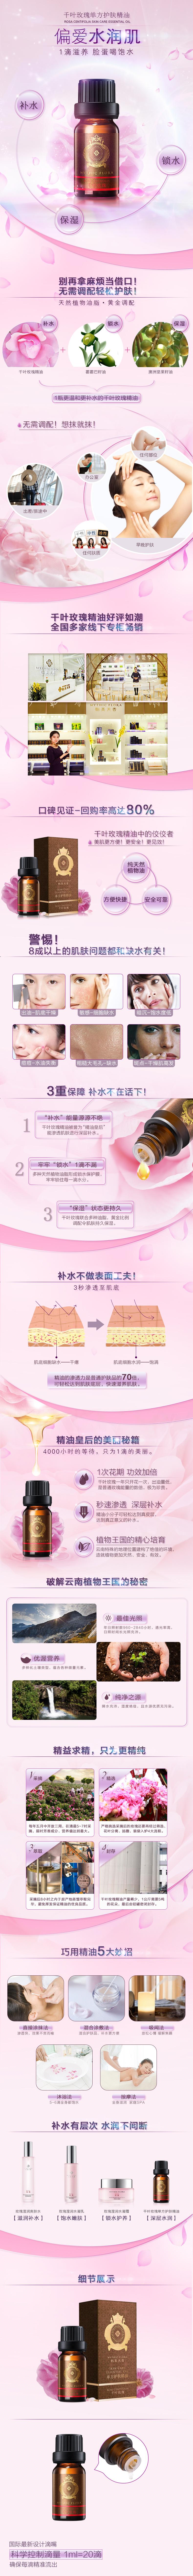 千叶玫瑰精油详情页.jpg